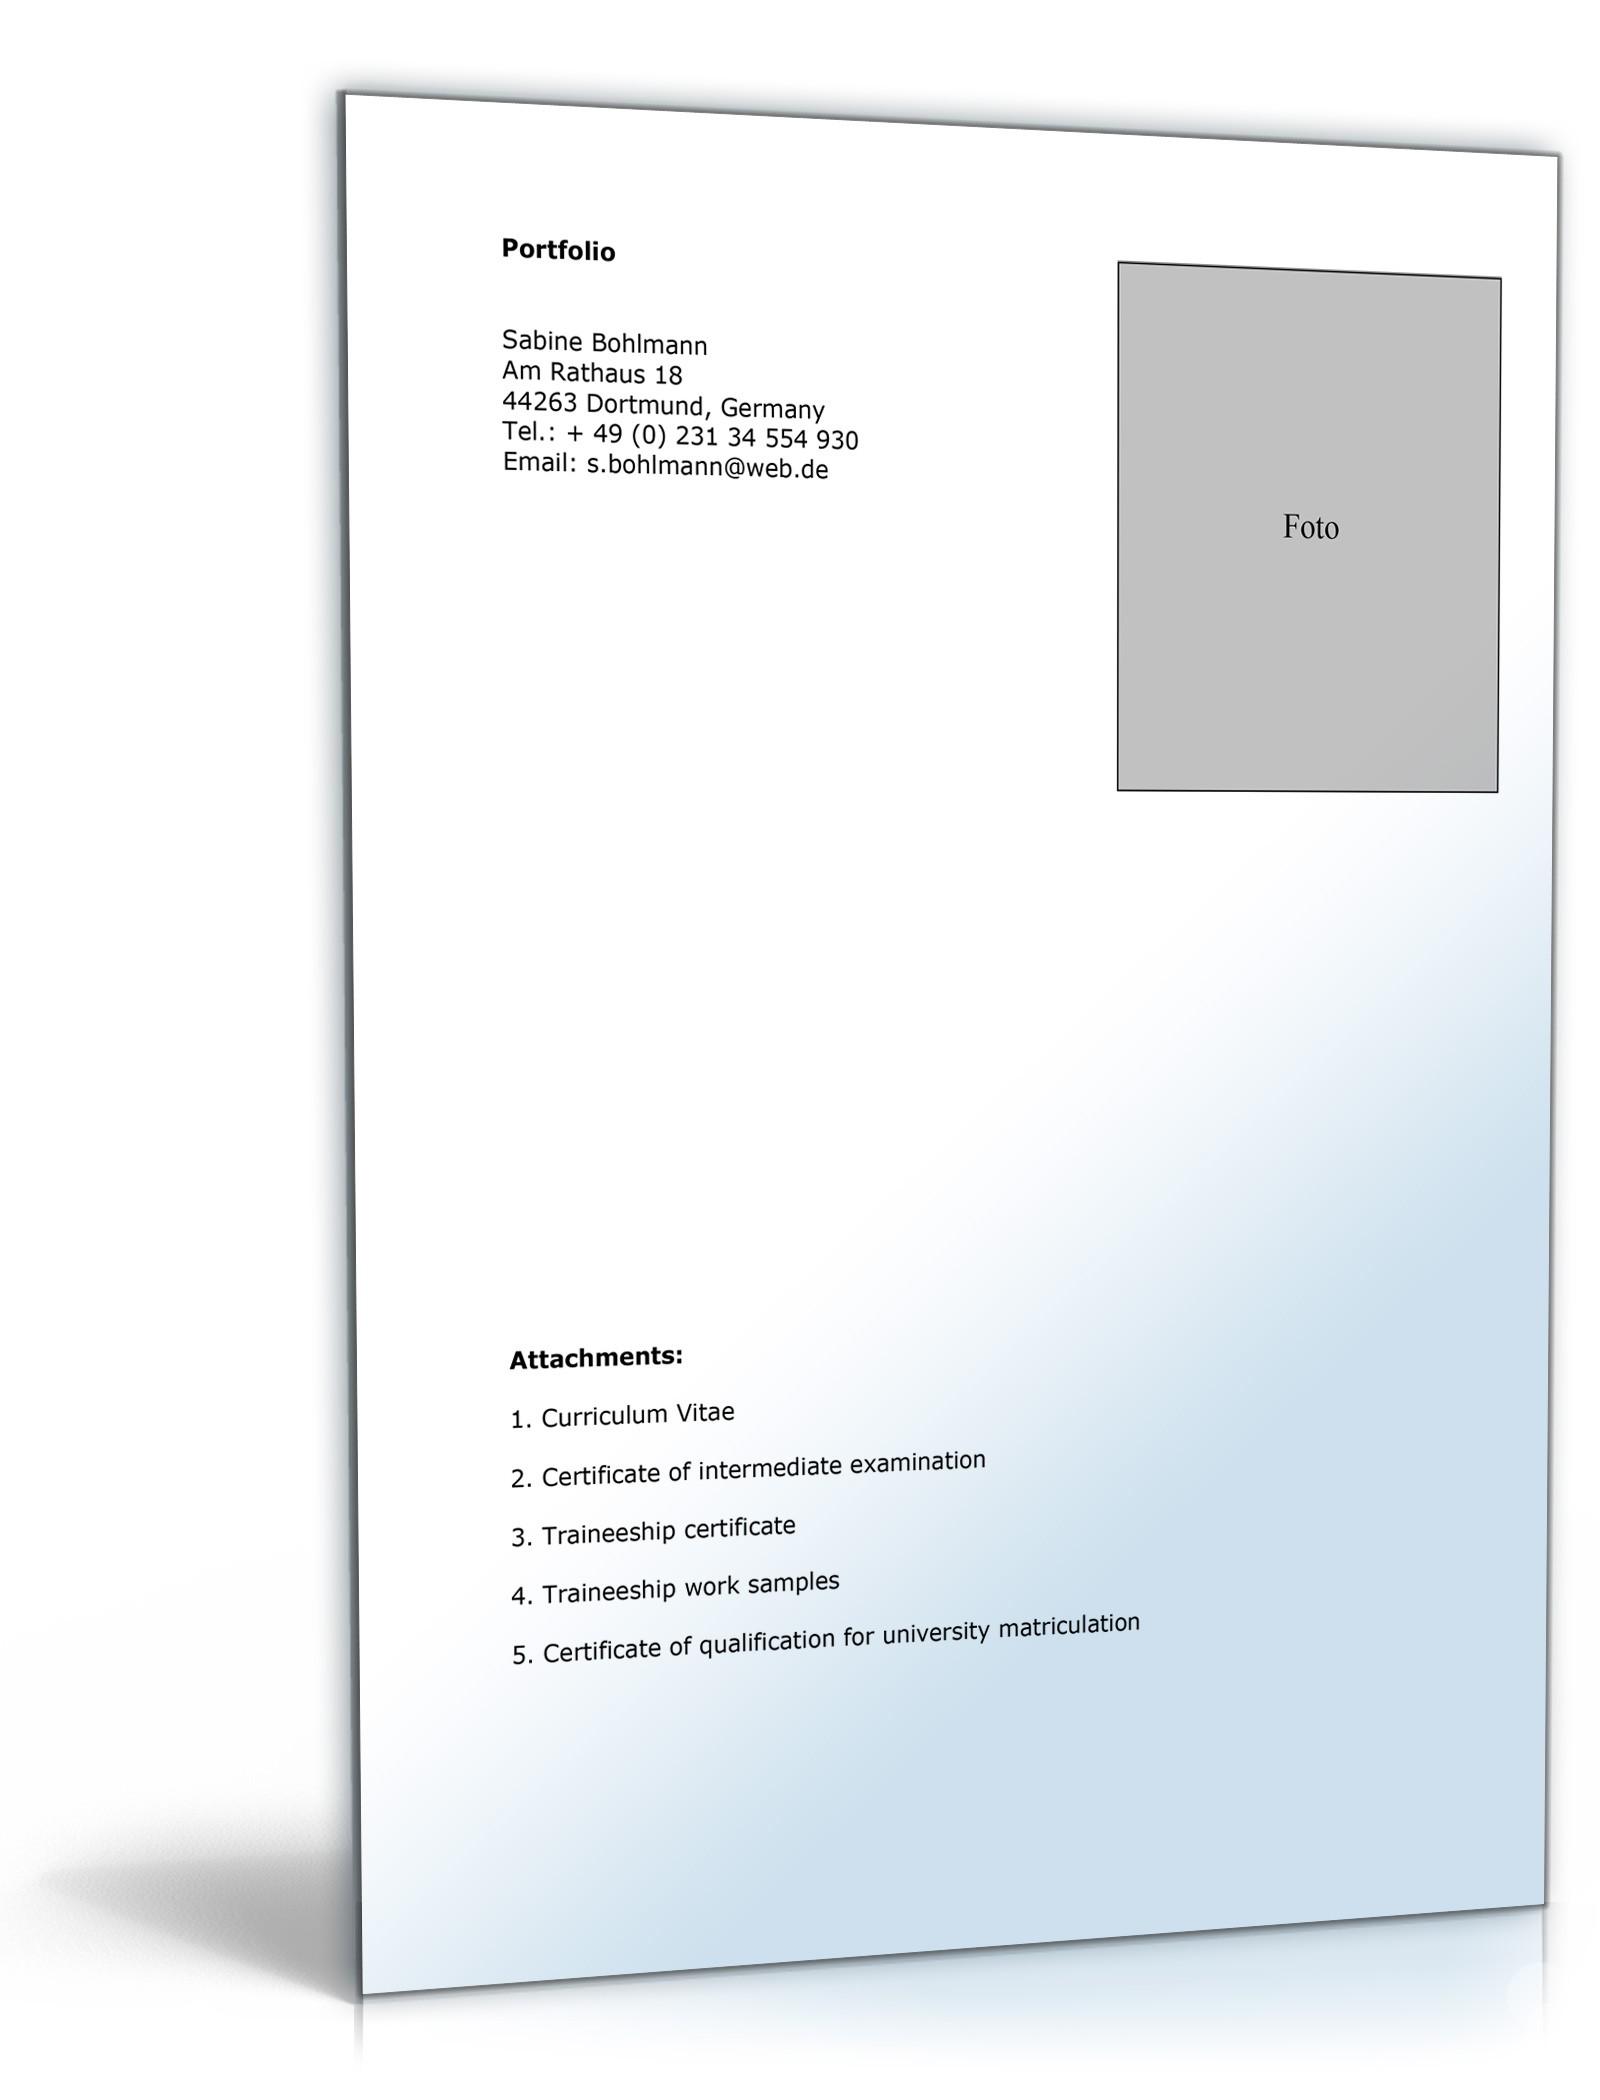 Lebenslauf Praktikum Medienbereich Englisch | Muster zum Download